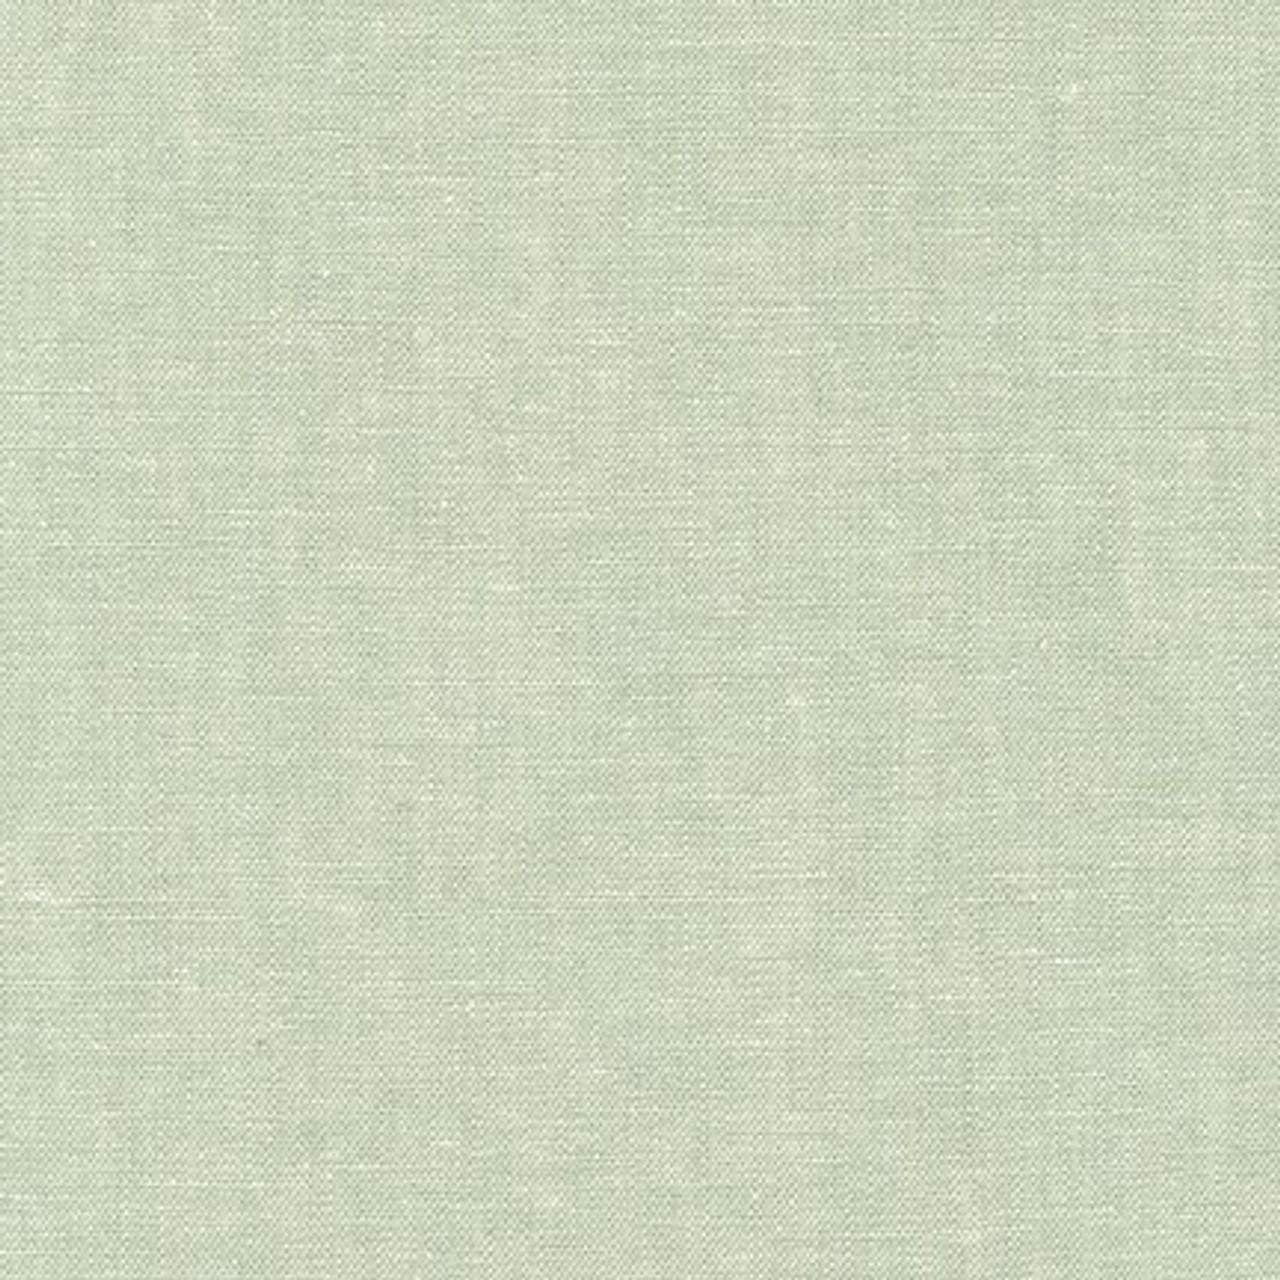 Essex Yarn Dyed - Seafoam